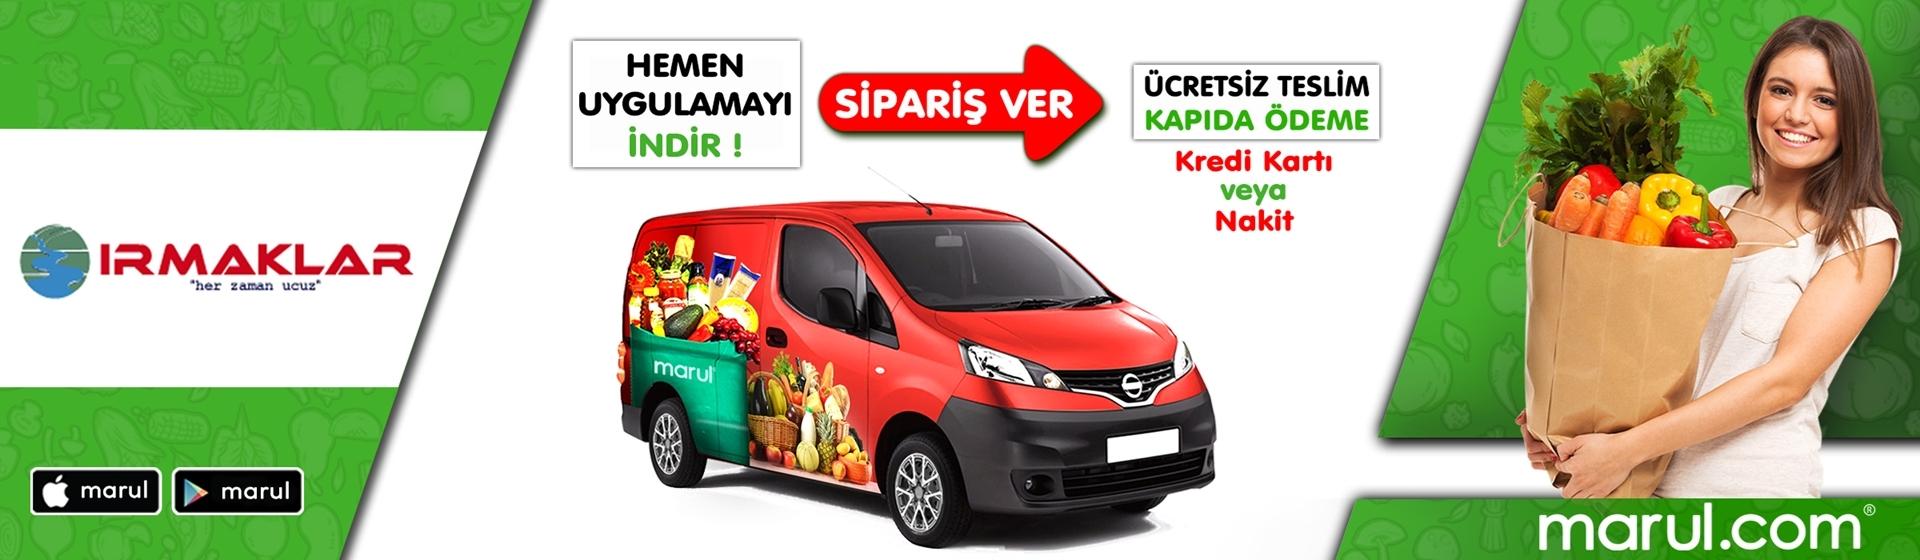 istanbul esenyurt ırmaklar market online market alışverişi